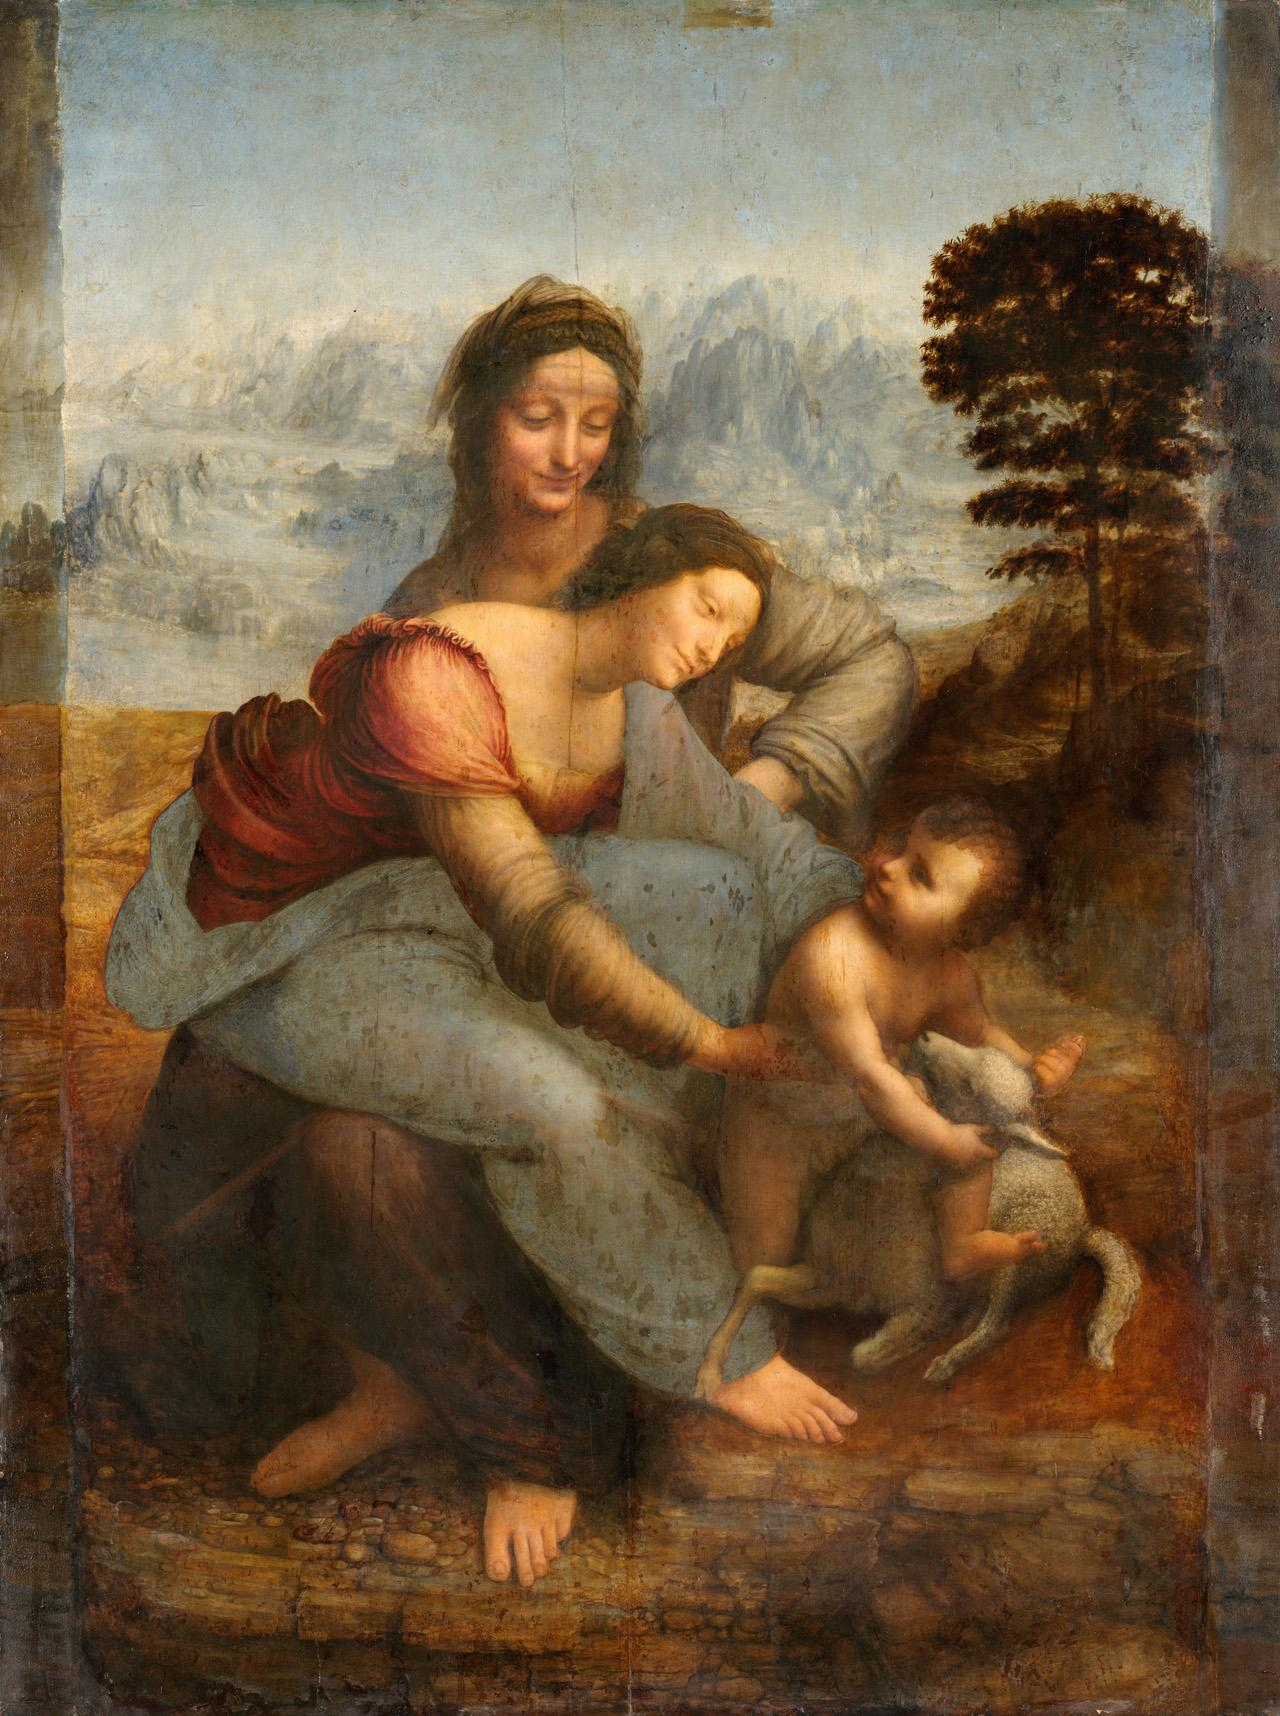 圣母子与圣安妮 意大利 达芬奇 法国,巴黎,卢浮宫藏